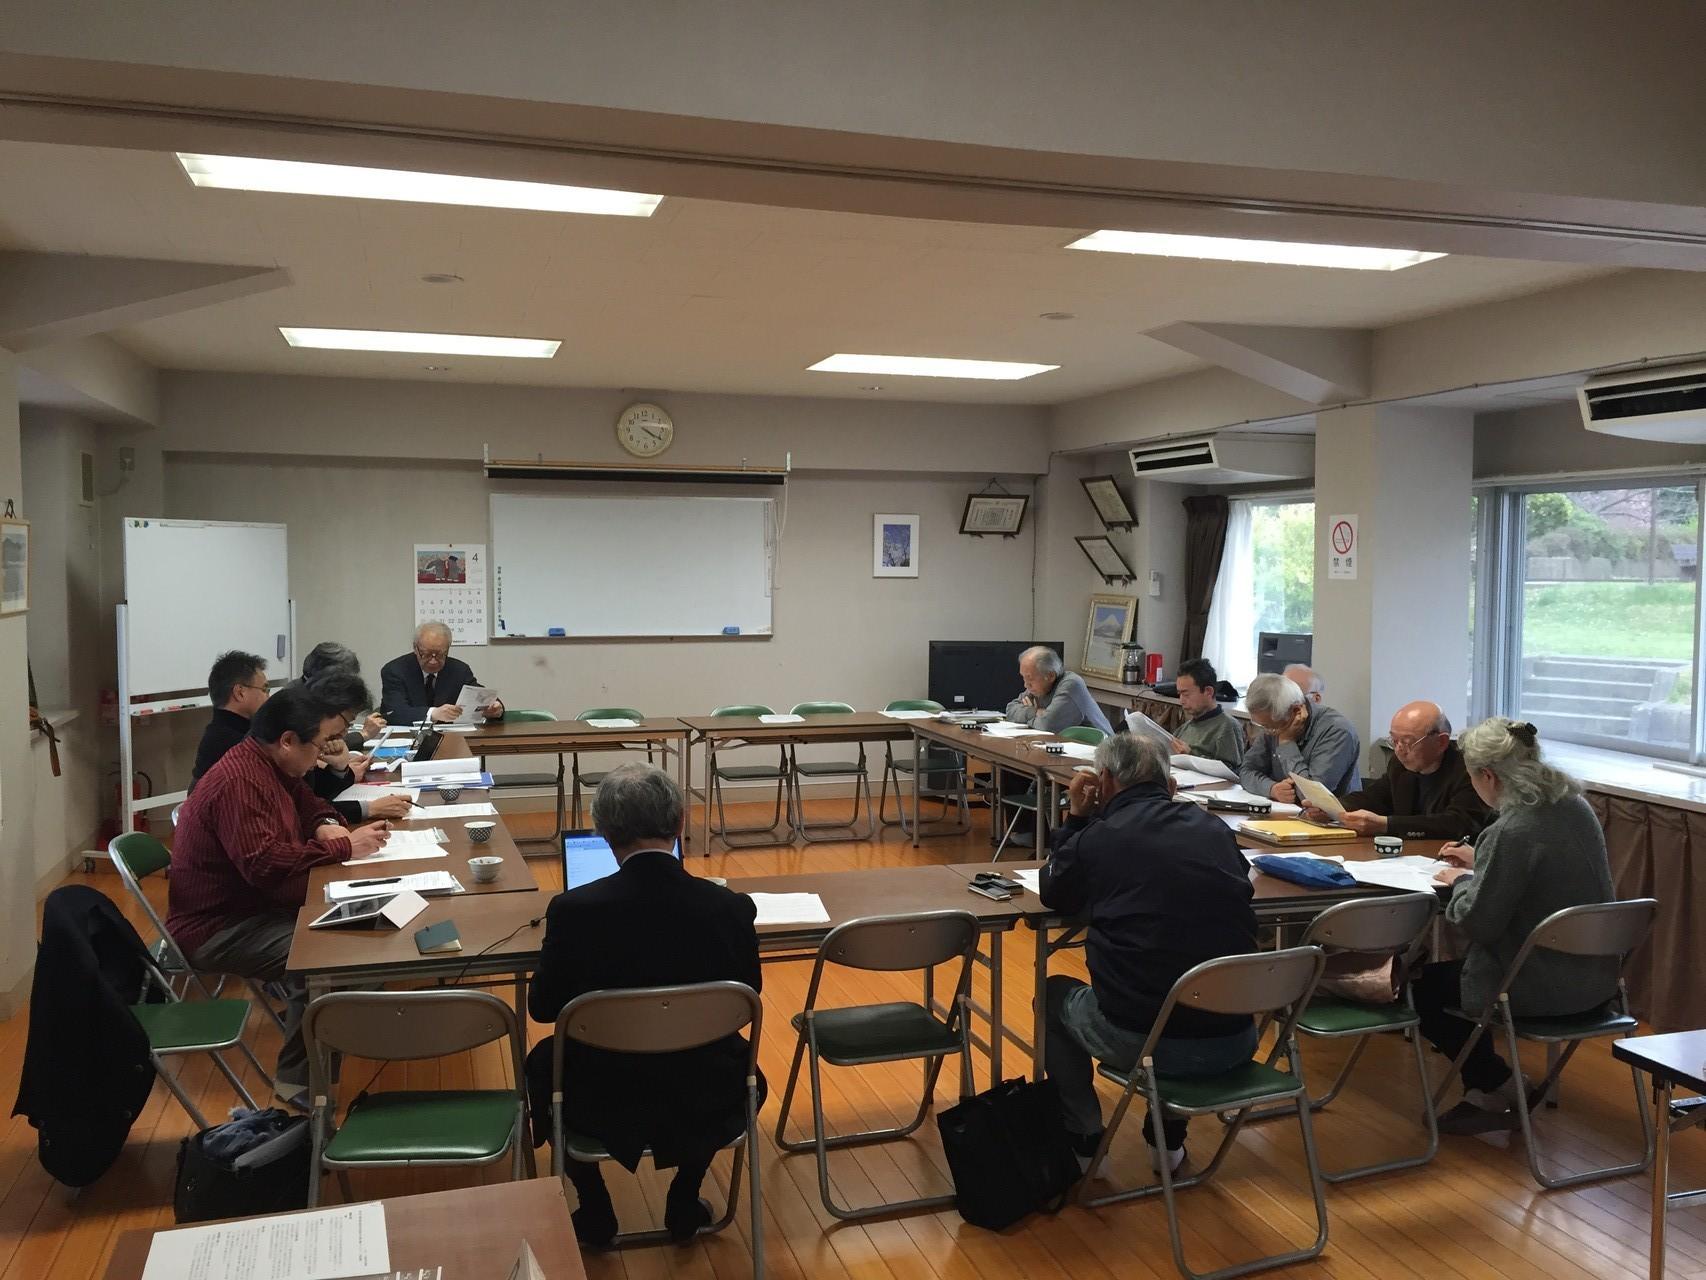 国交省モデル事業:鎌倉の団地ブランディング事業がいよいよスタートです。